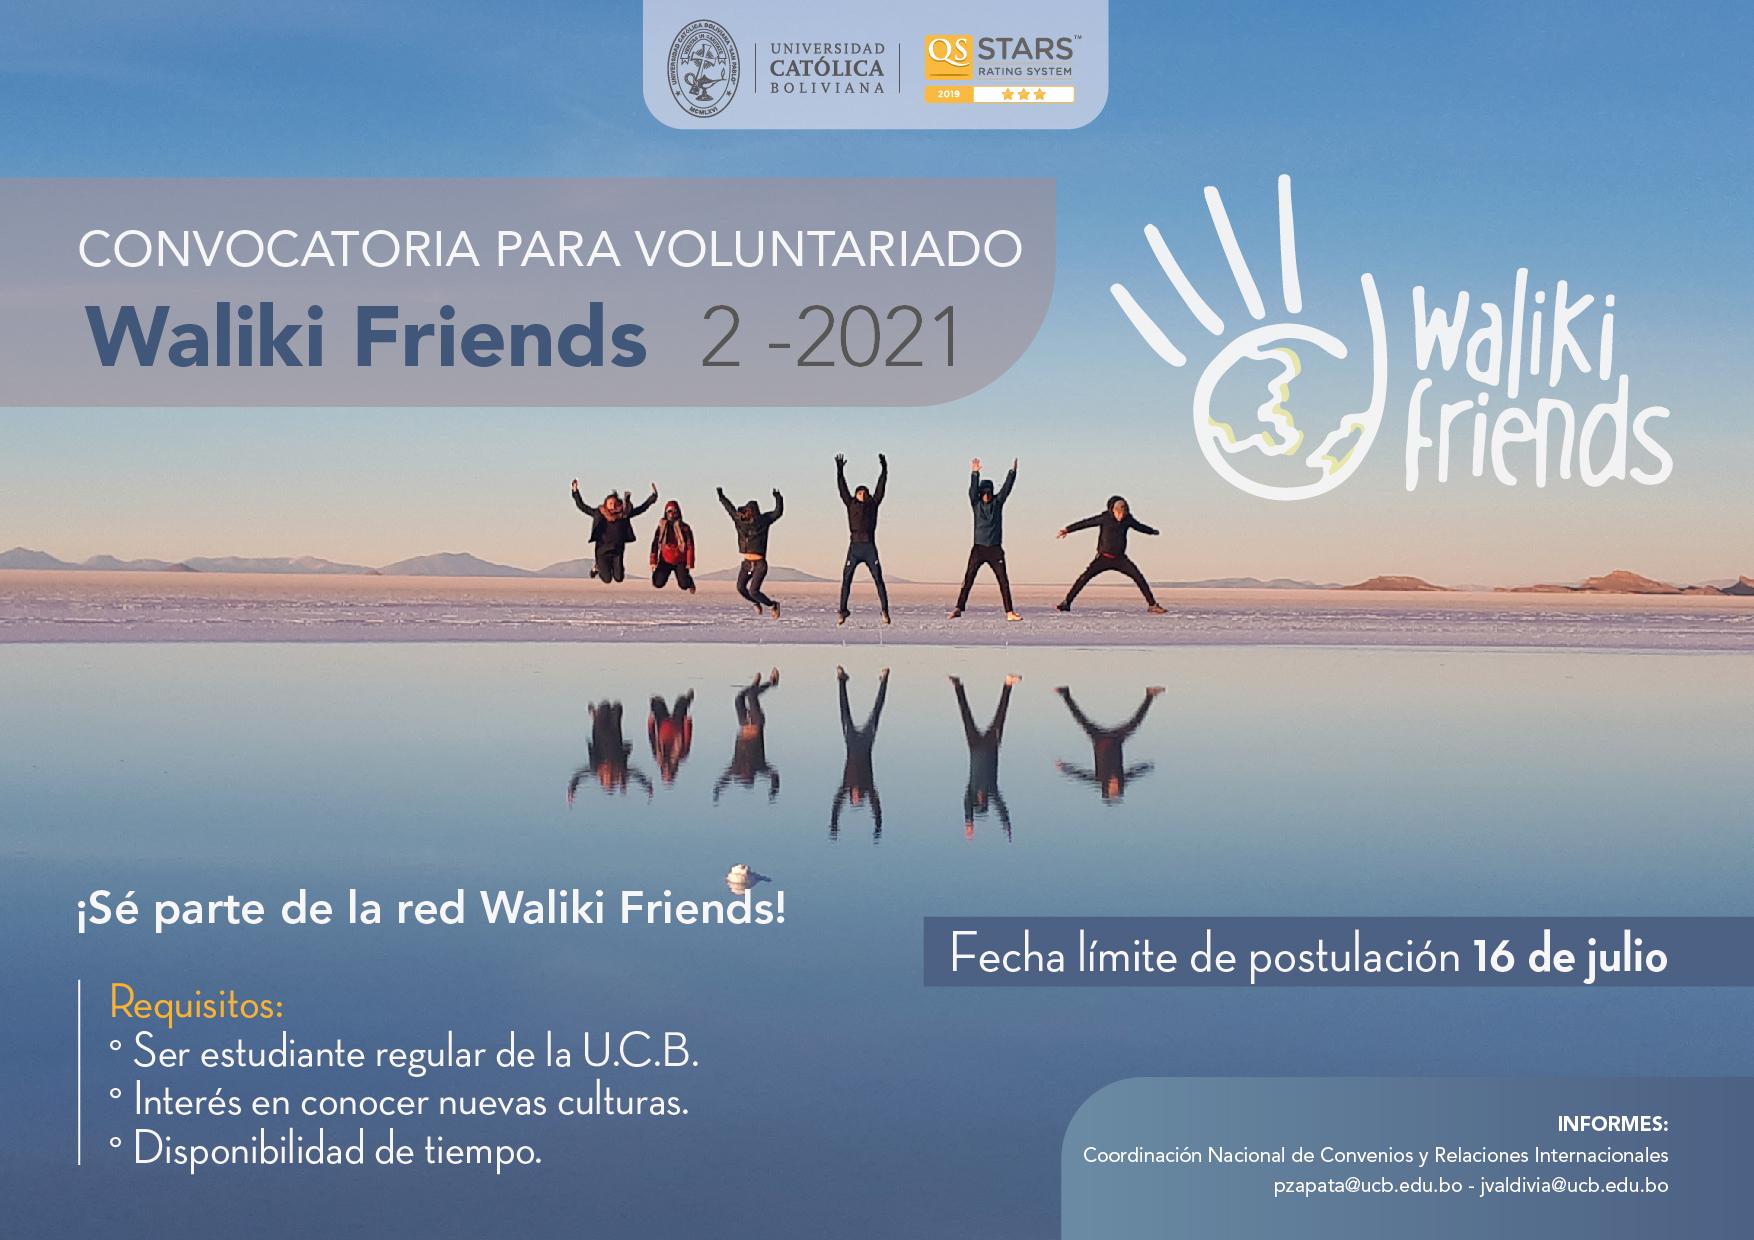 ¡Ya esta abierto el reclutamiento para ser parte de la red de voluntariado Waliki Friends!  Si estas interesado en espacios de intercambio cultural esta es tu oportunidad.  Formulario de postulación: https://forms.gle/8qmQXwgc1Jq5WR7C6  Fecha límite: 16 de julio.   Convocatoria abierta para estudiantes UCB.